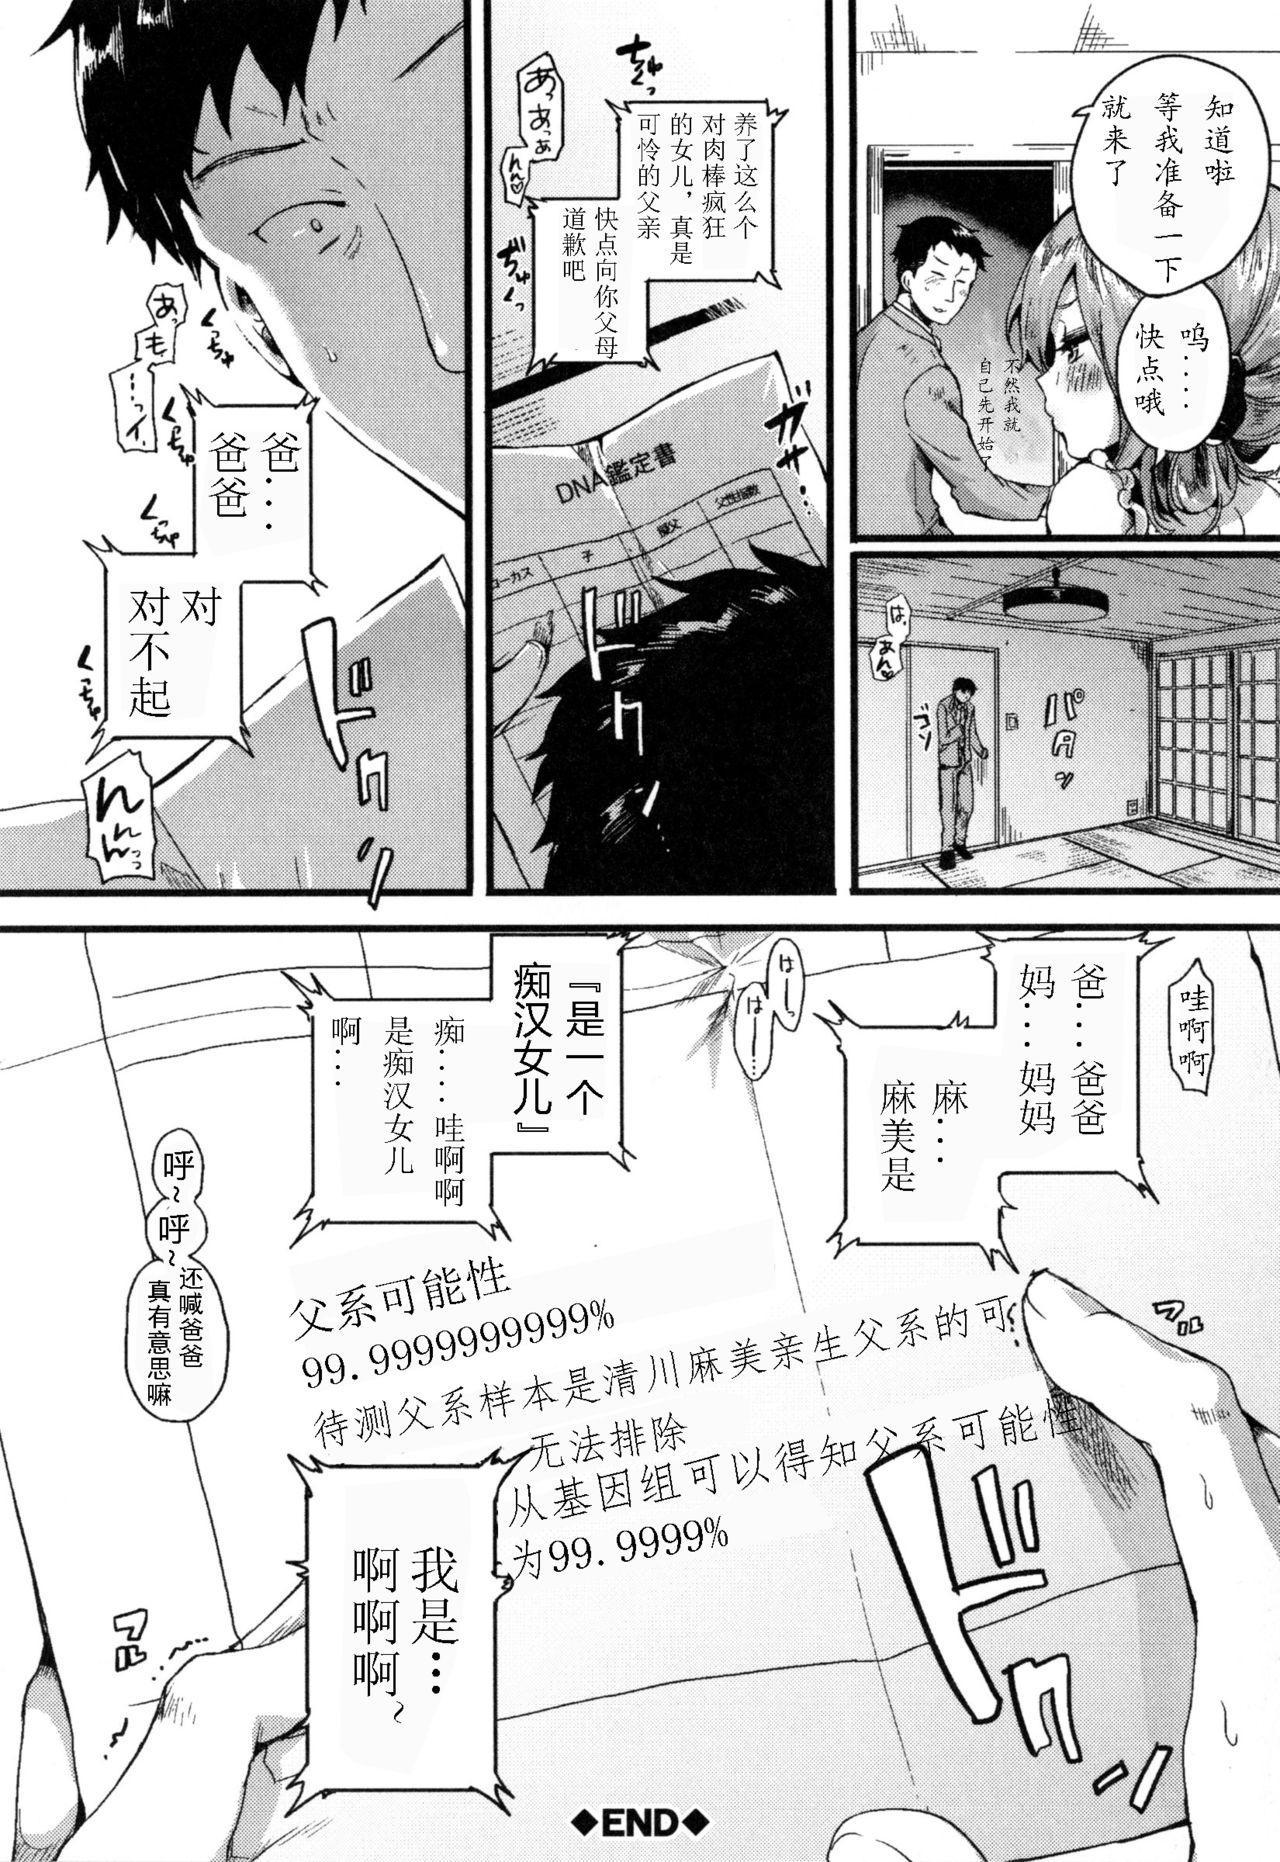 [doumou] Otou-san Okaa-san Gomennasai (Wara) (Hore Tokidoki Nukumori) [Chinese] [a502055003汉化] 39